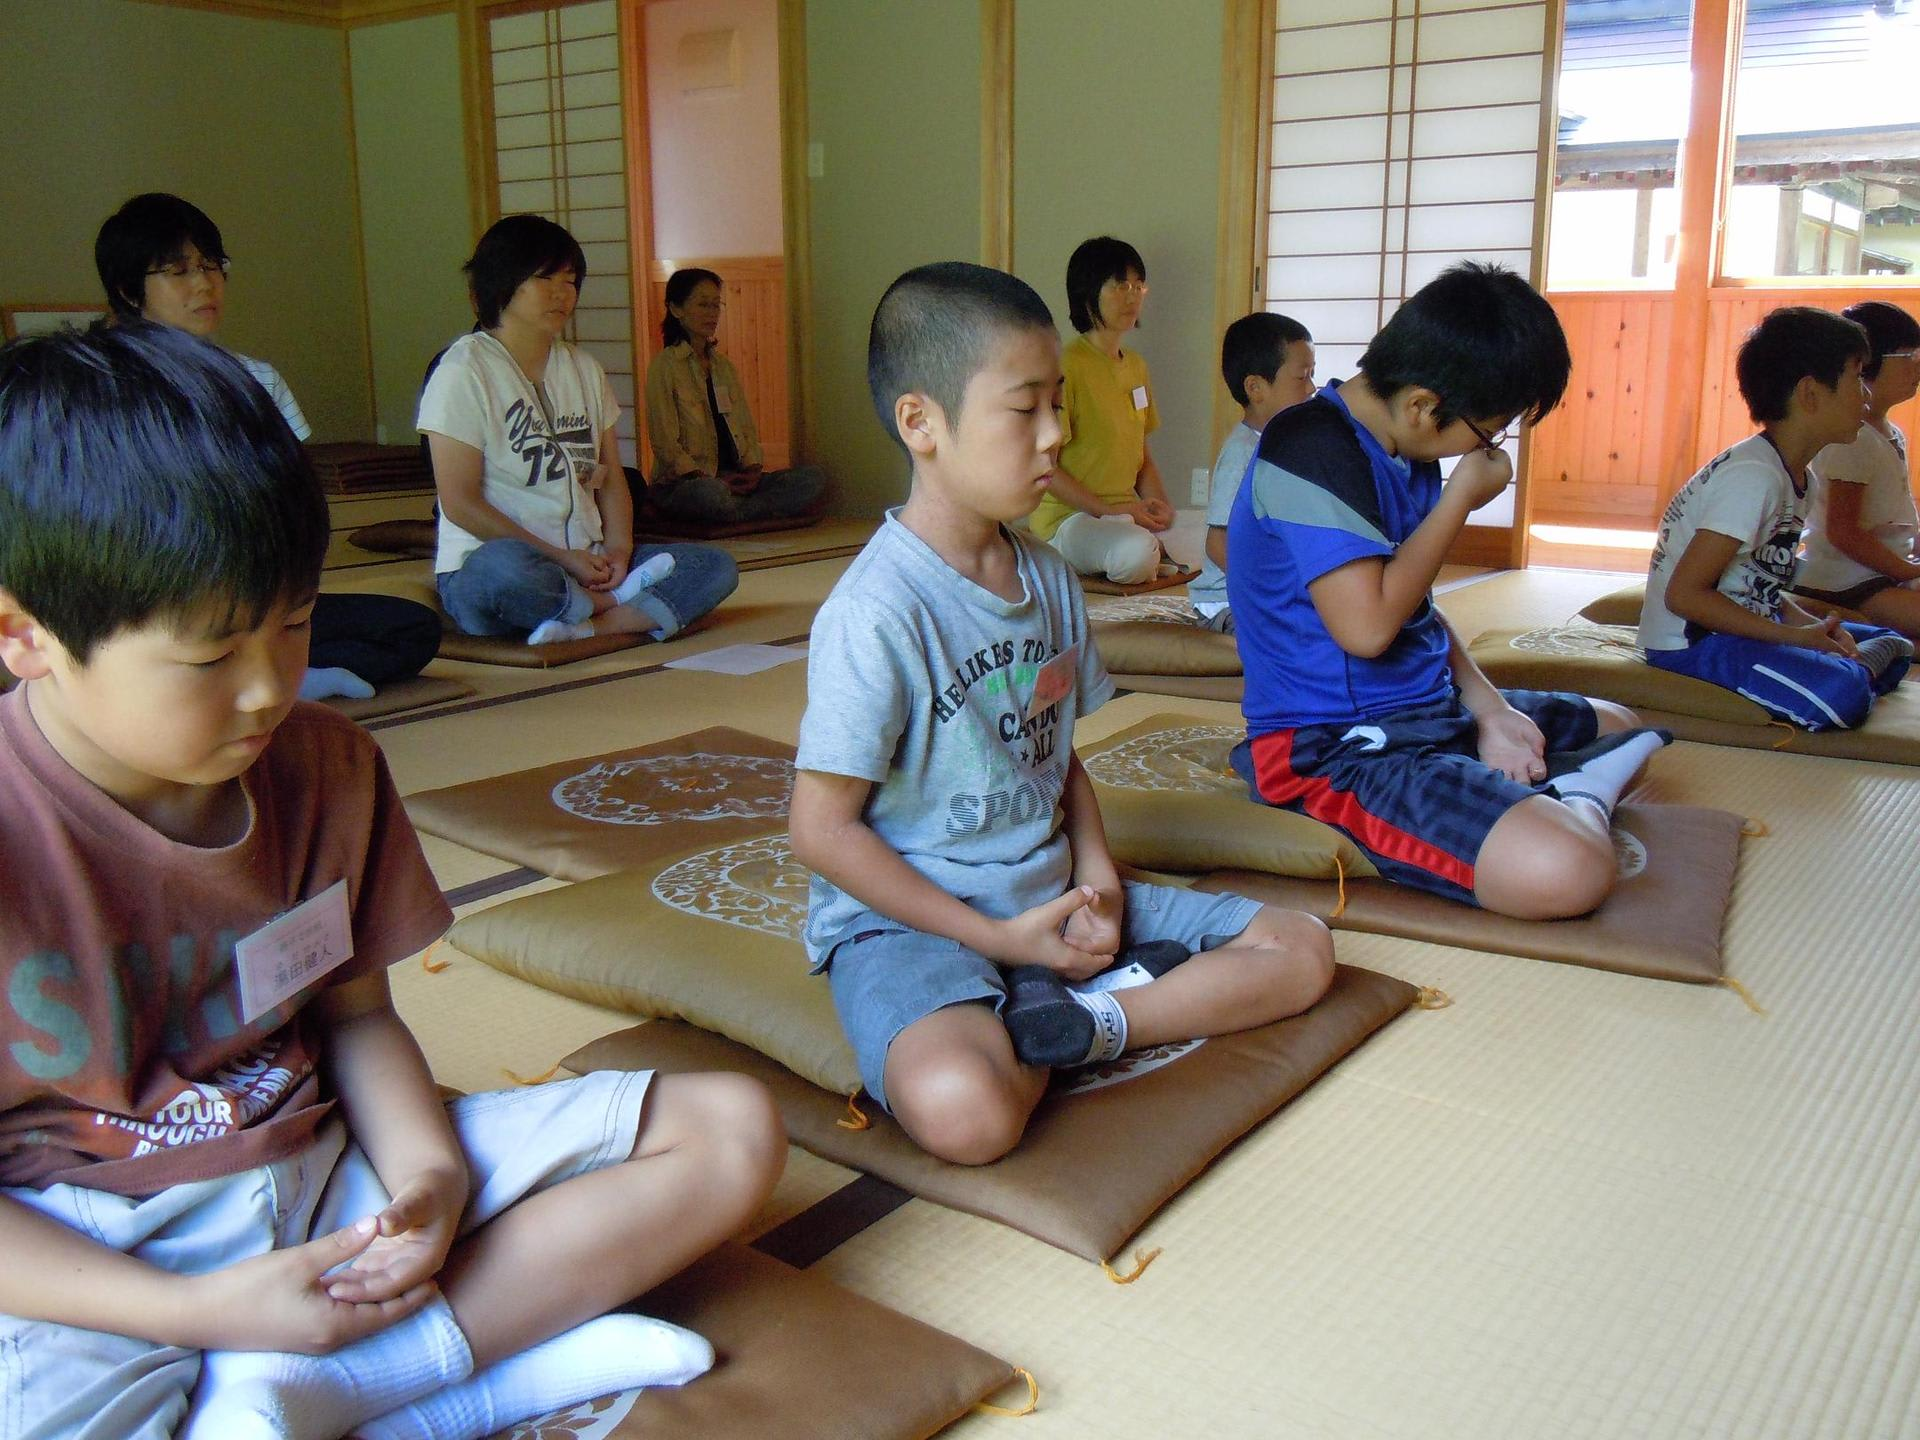 お寺で小坊主体験 - 常楽院